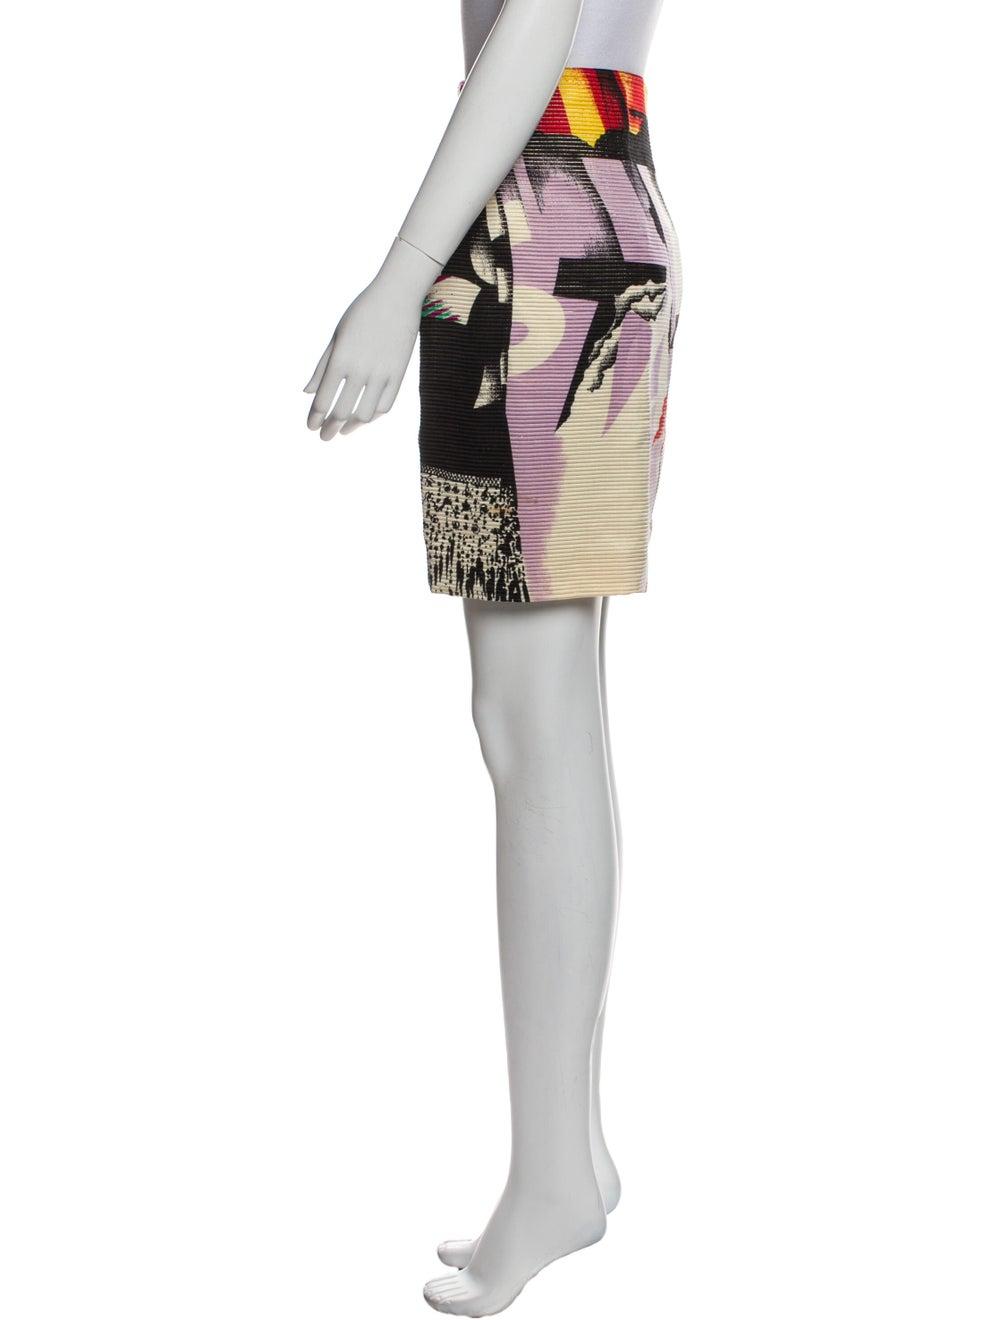 Gianni Versace Vintage Mini Skirt - image 2